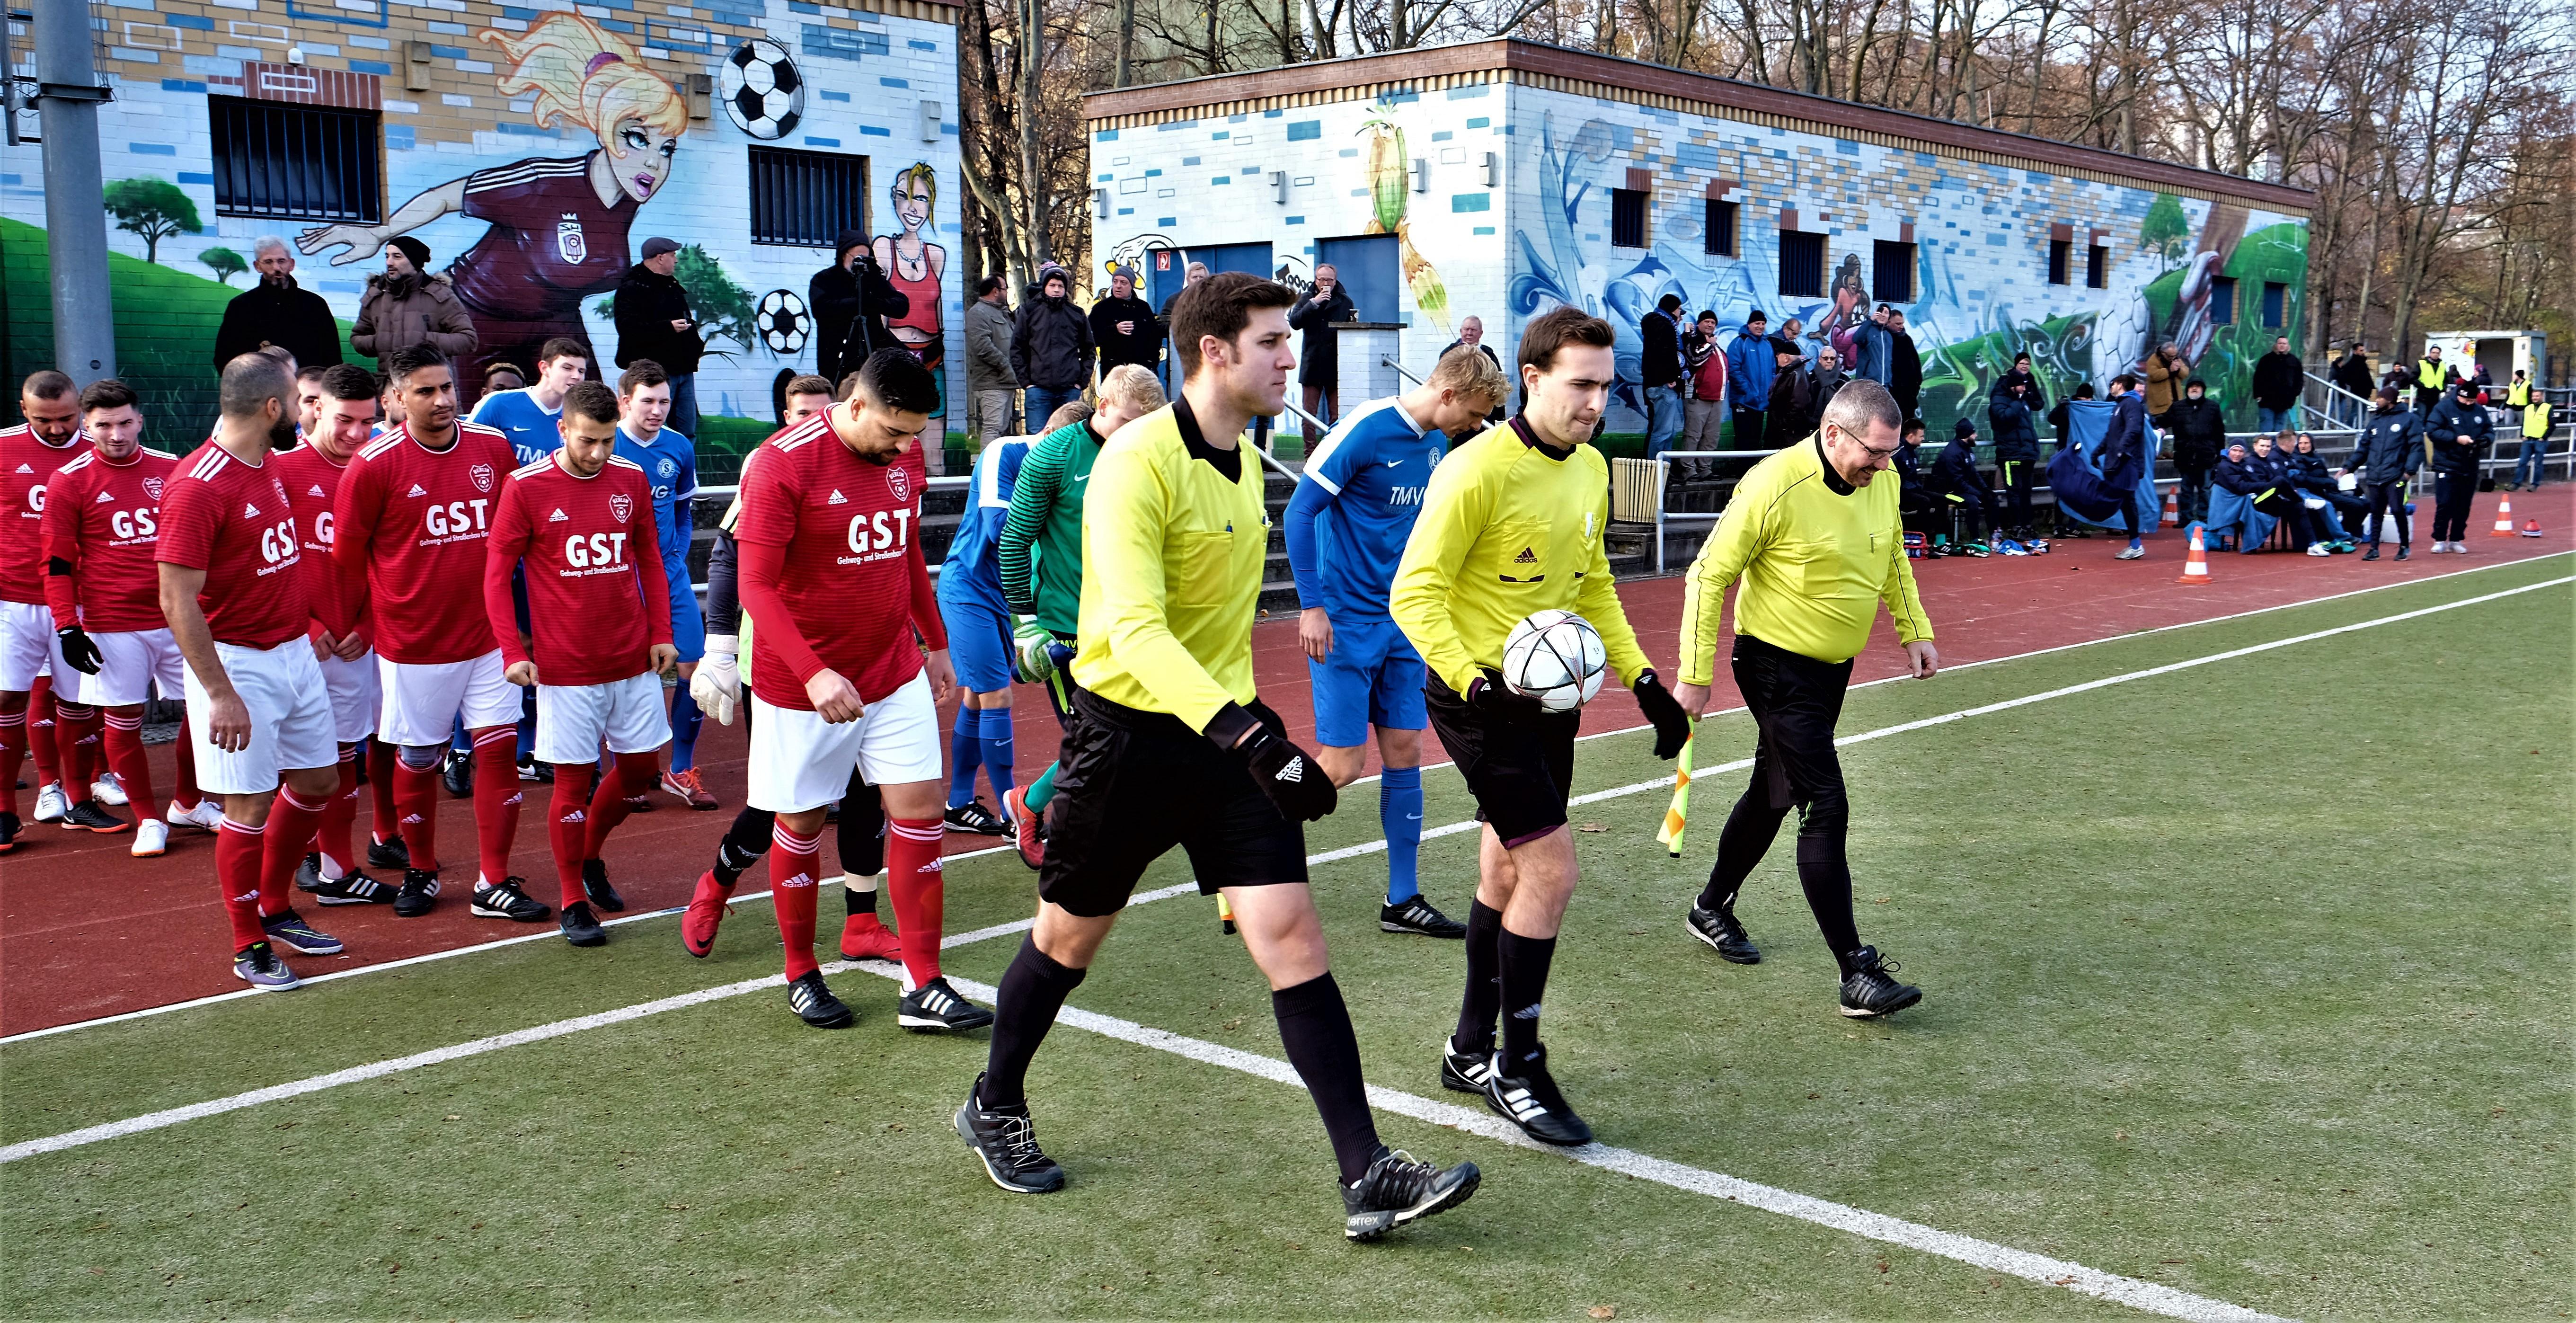 Zehn Tore im Pokalspiel Anadoluspor – SC Staaken